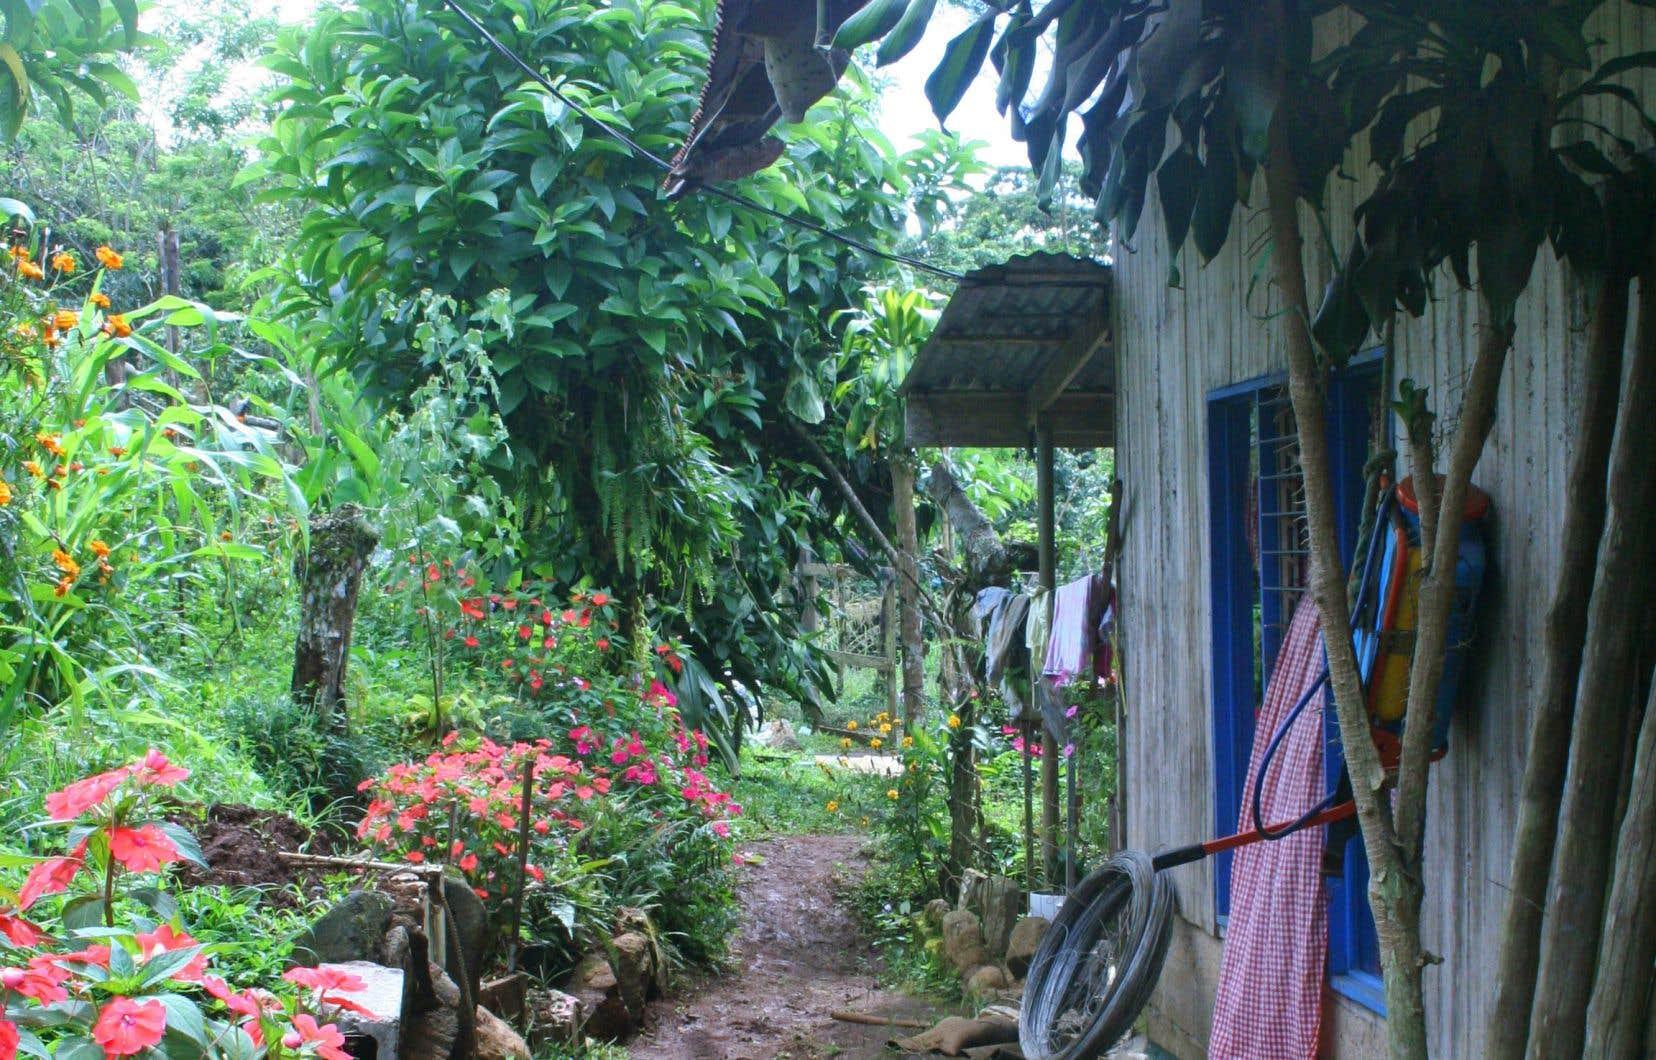 Entre les feuillages verts se dissimulent des maisonnettes colorées et des fleurs resplendissantes à Altamira.